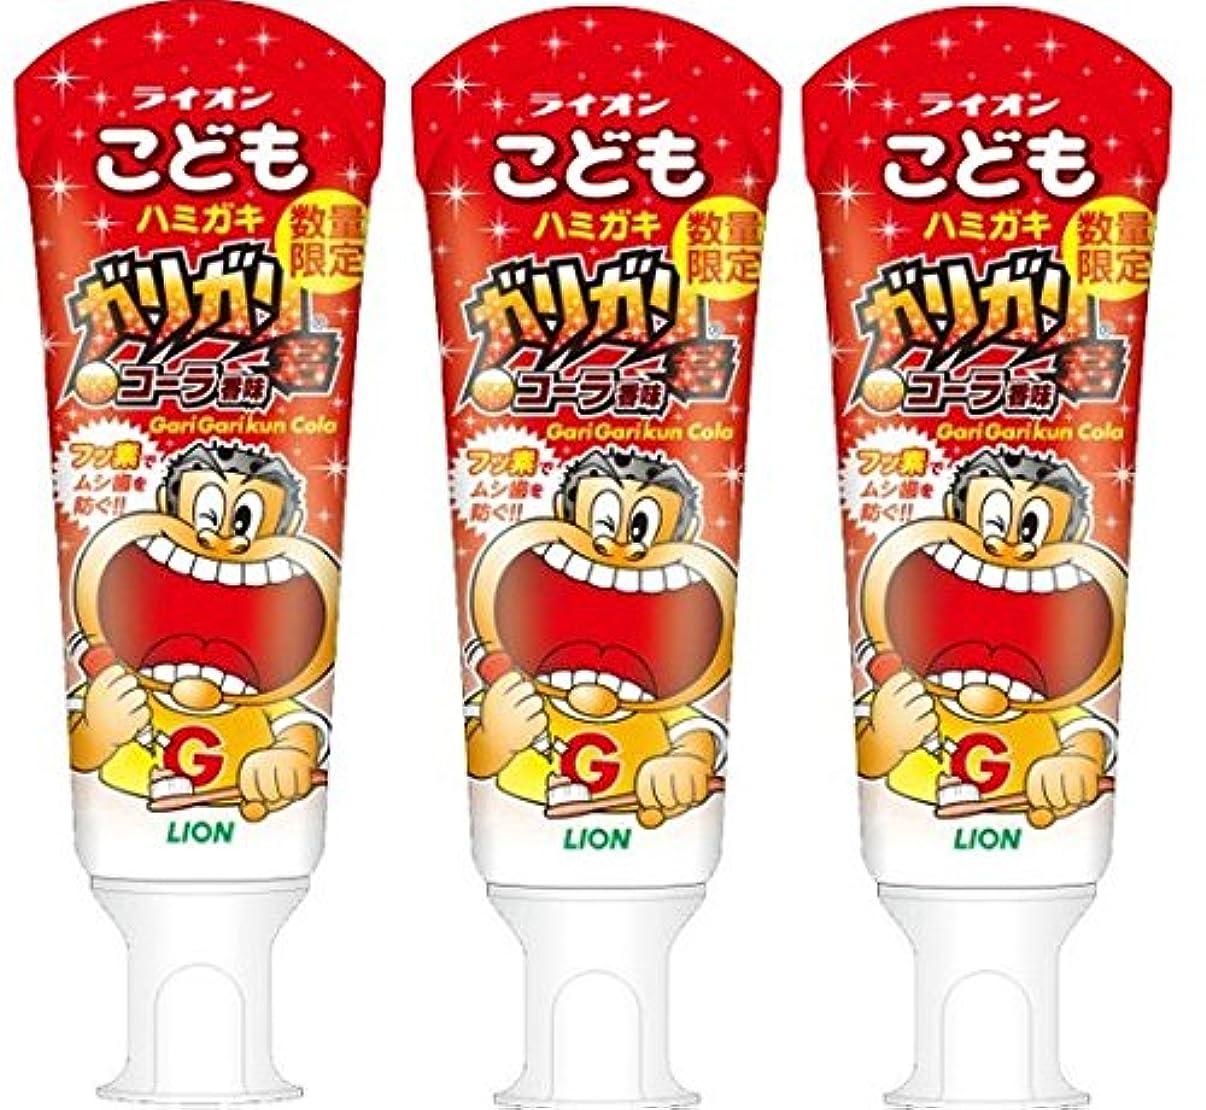 協会バター浅い【お買い得セット】 こどもハミガキ ガリガリ君 コーラ香味 3本